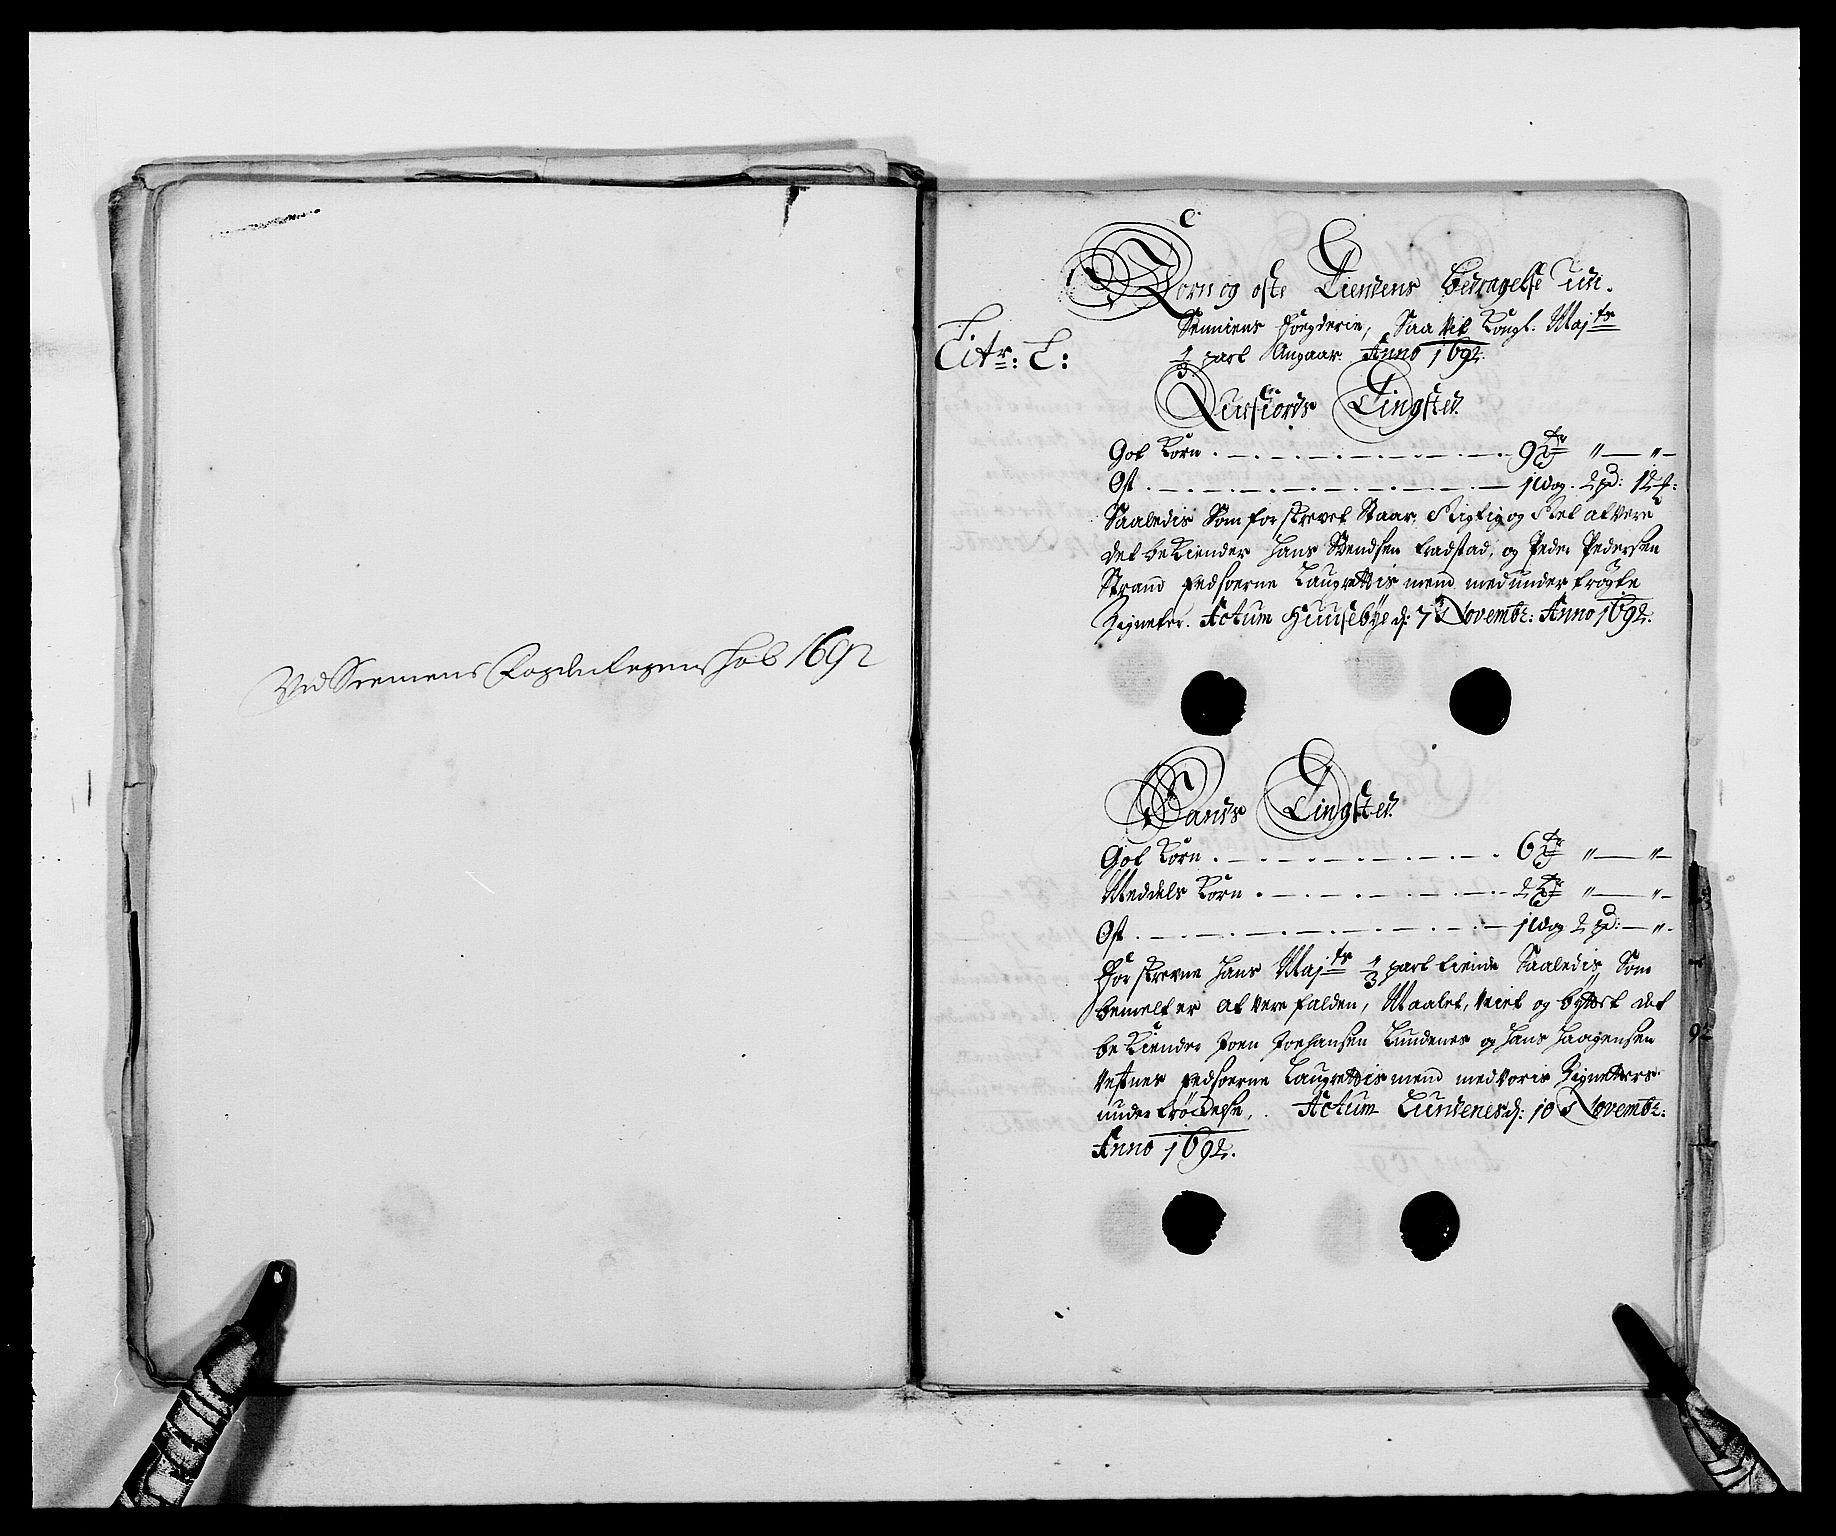 RA, Rentekammeret inntil 1814, Reviderte regnskaper, Fogderegnskap, R68/L4752: Fogderegnskap Senja og Troms, 1691-1693, s. 245